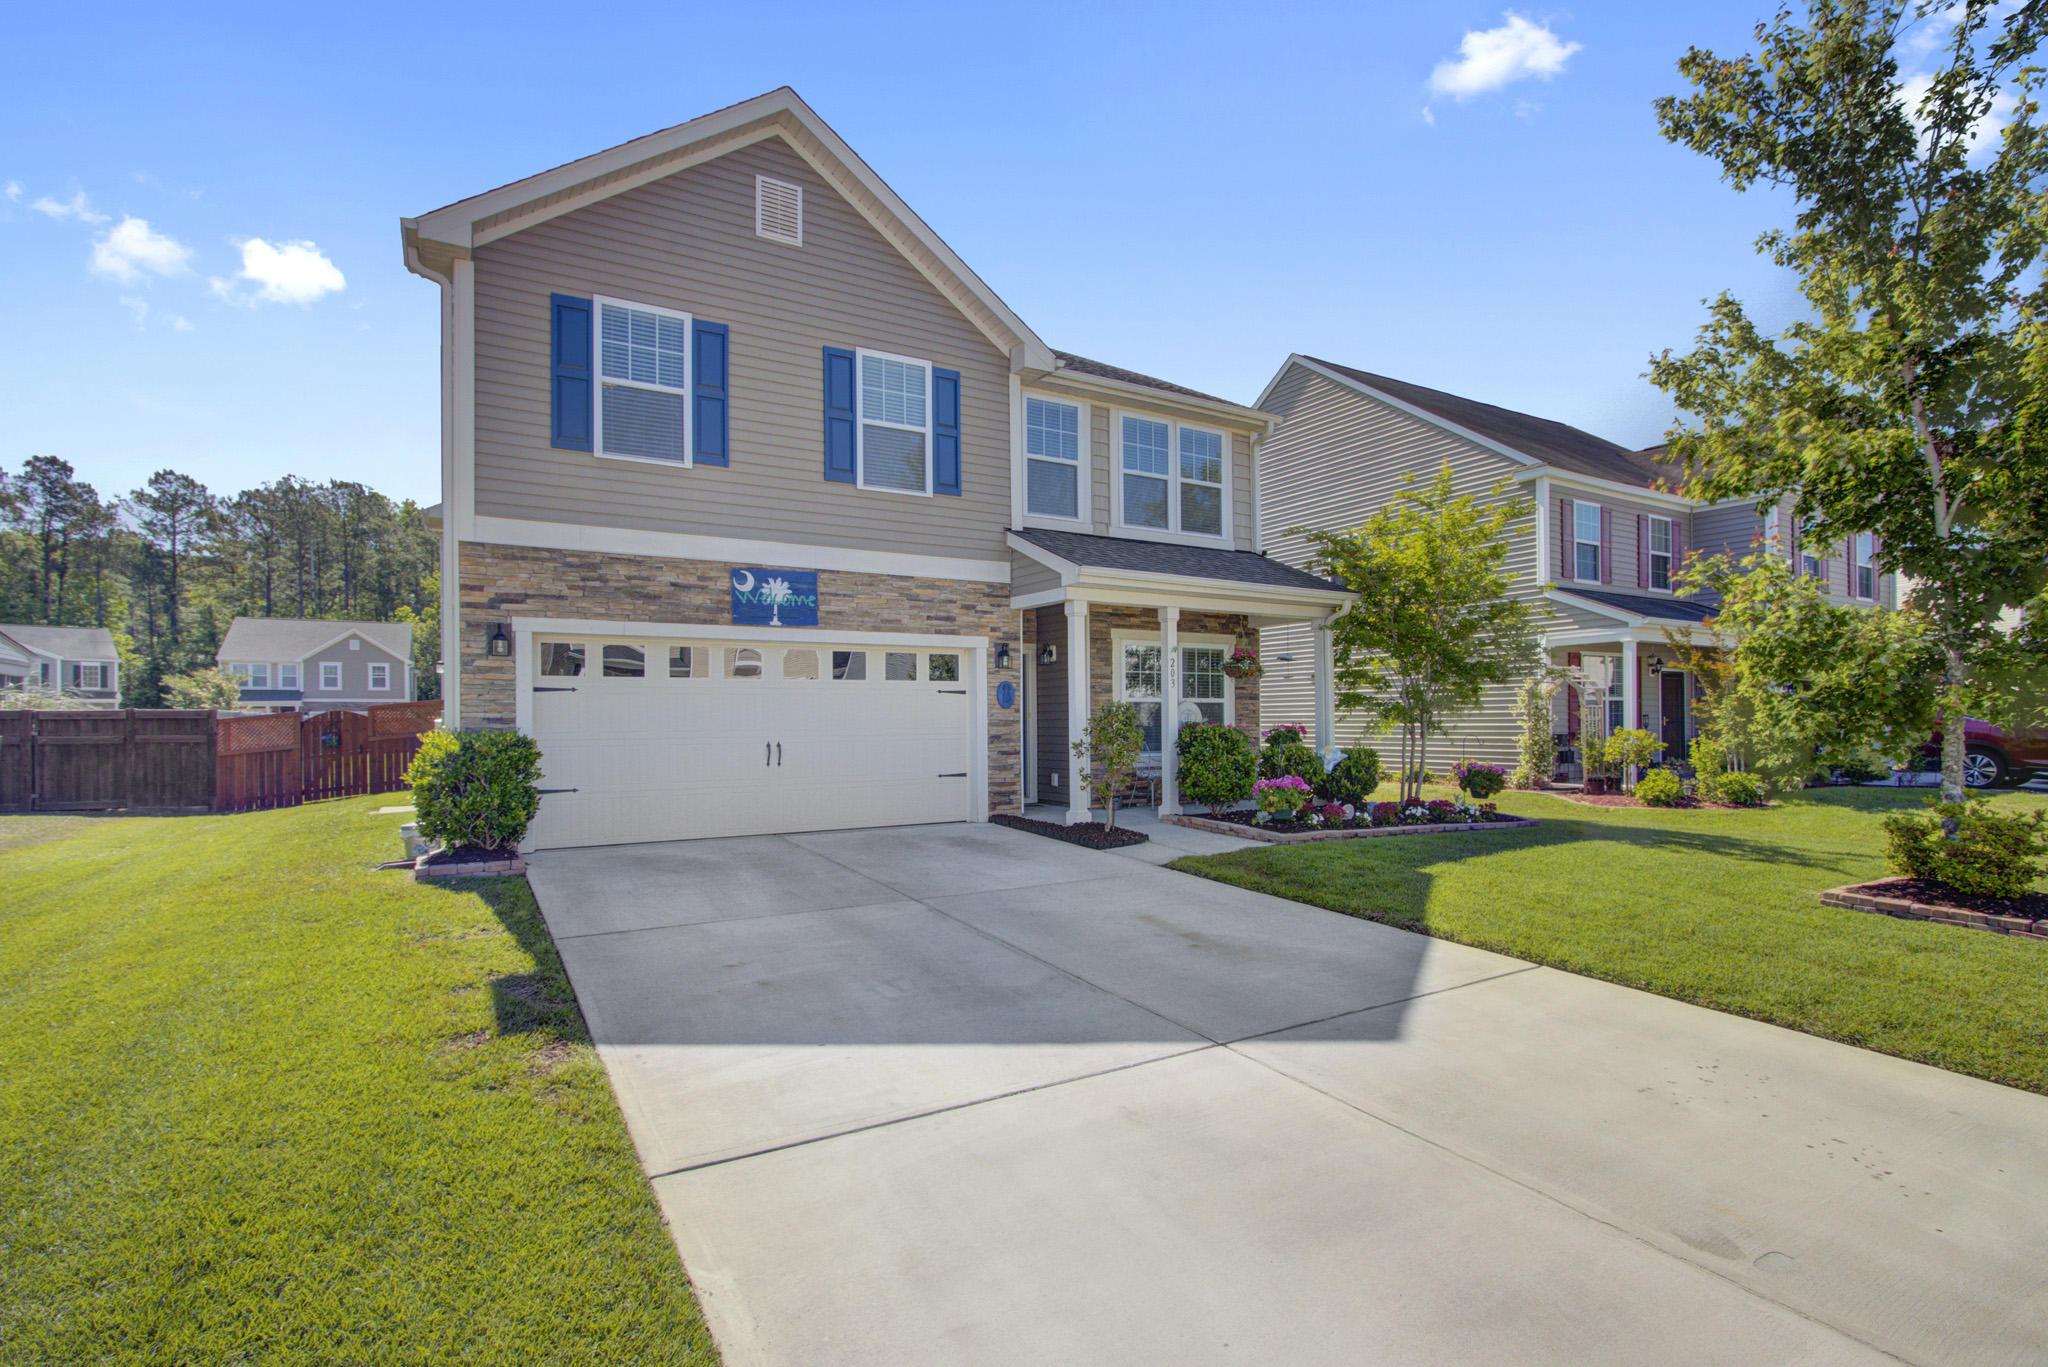 Sunnyfield Homes For Sale - 203 Medford, Summerville, SC - 33